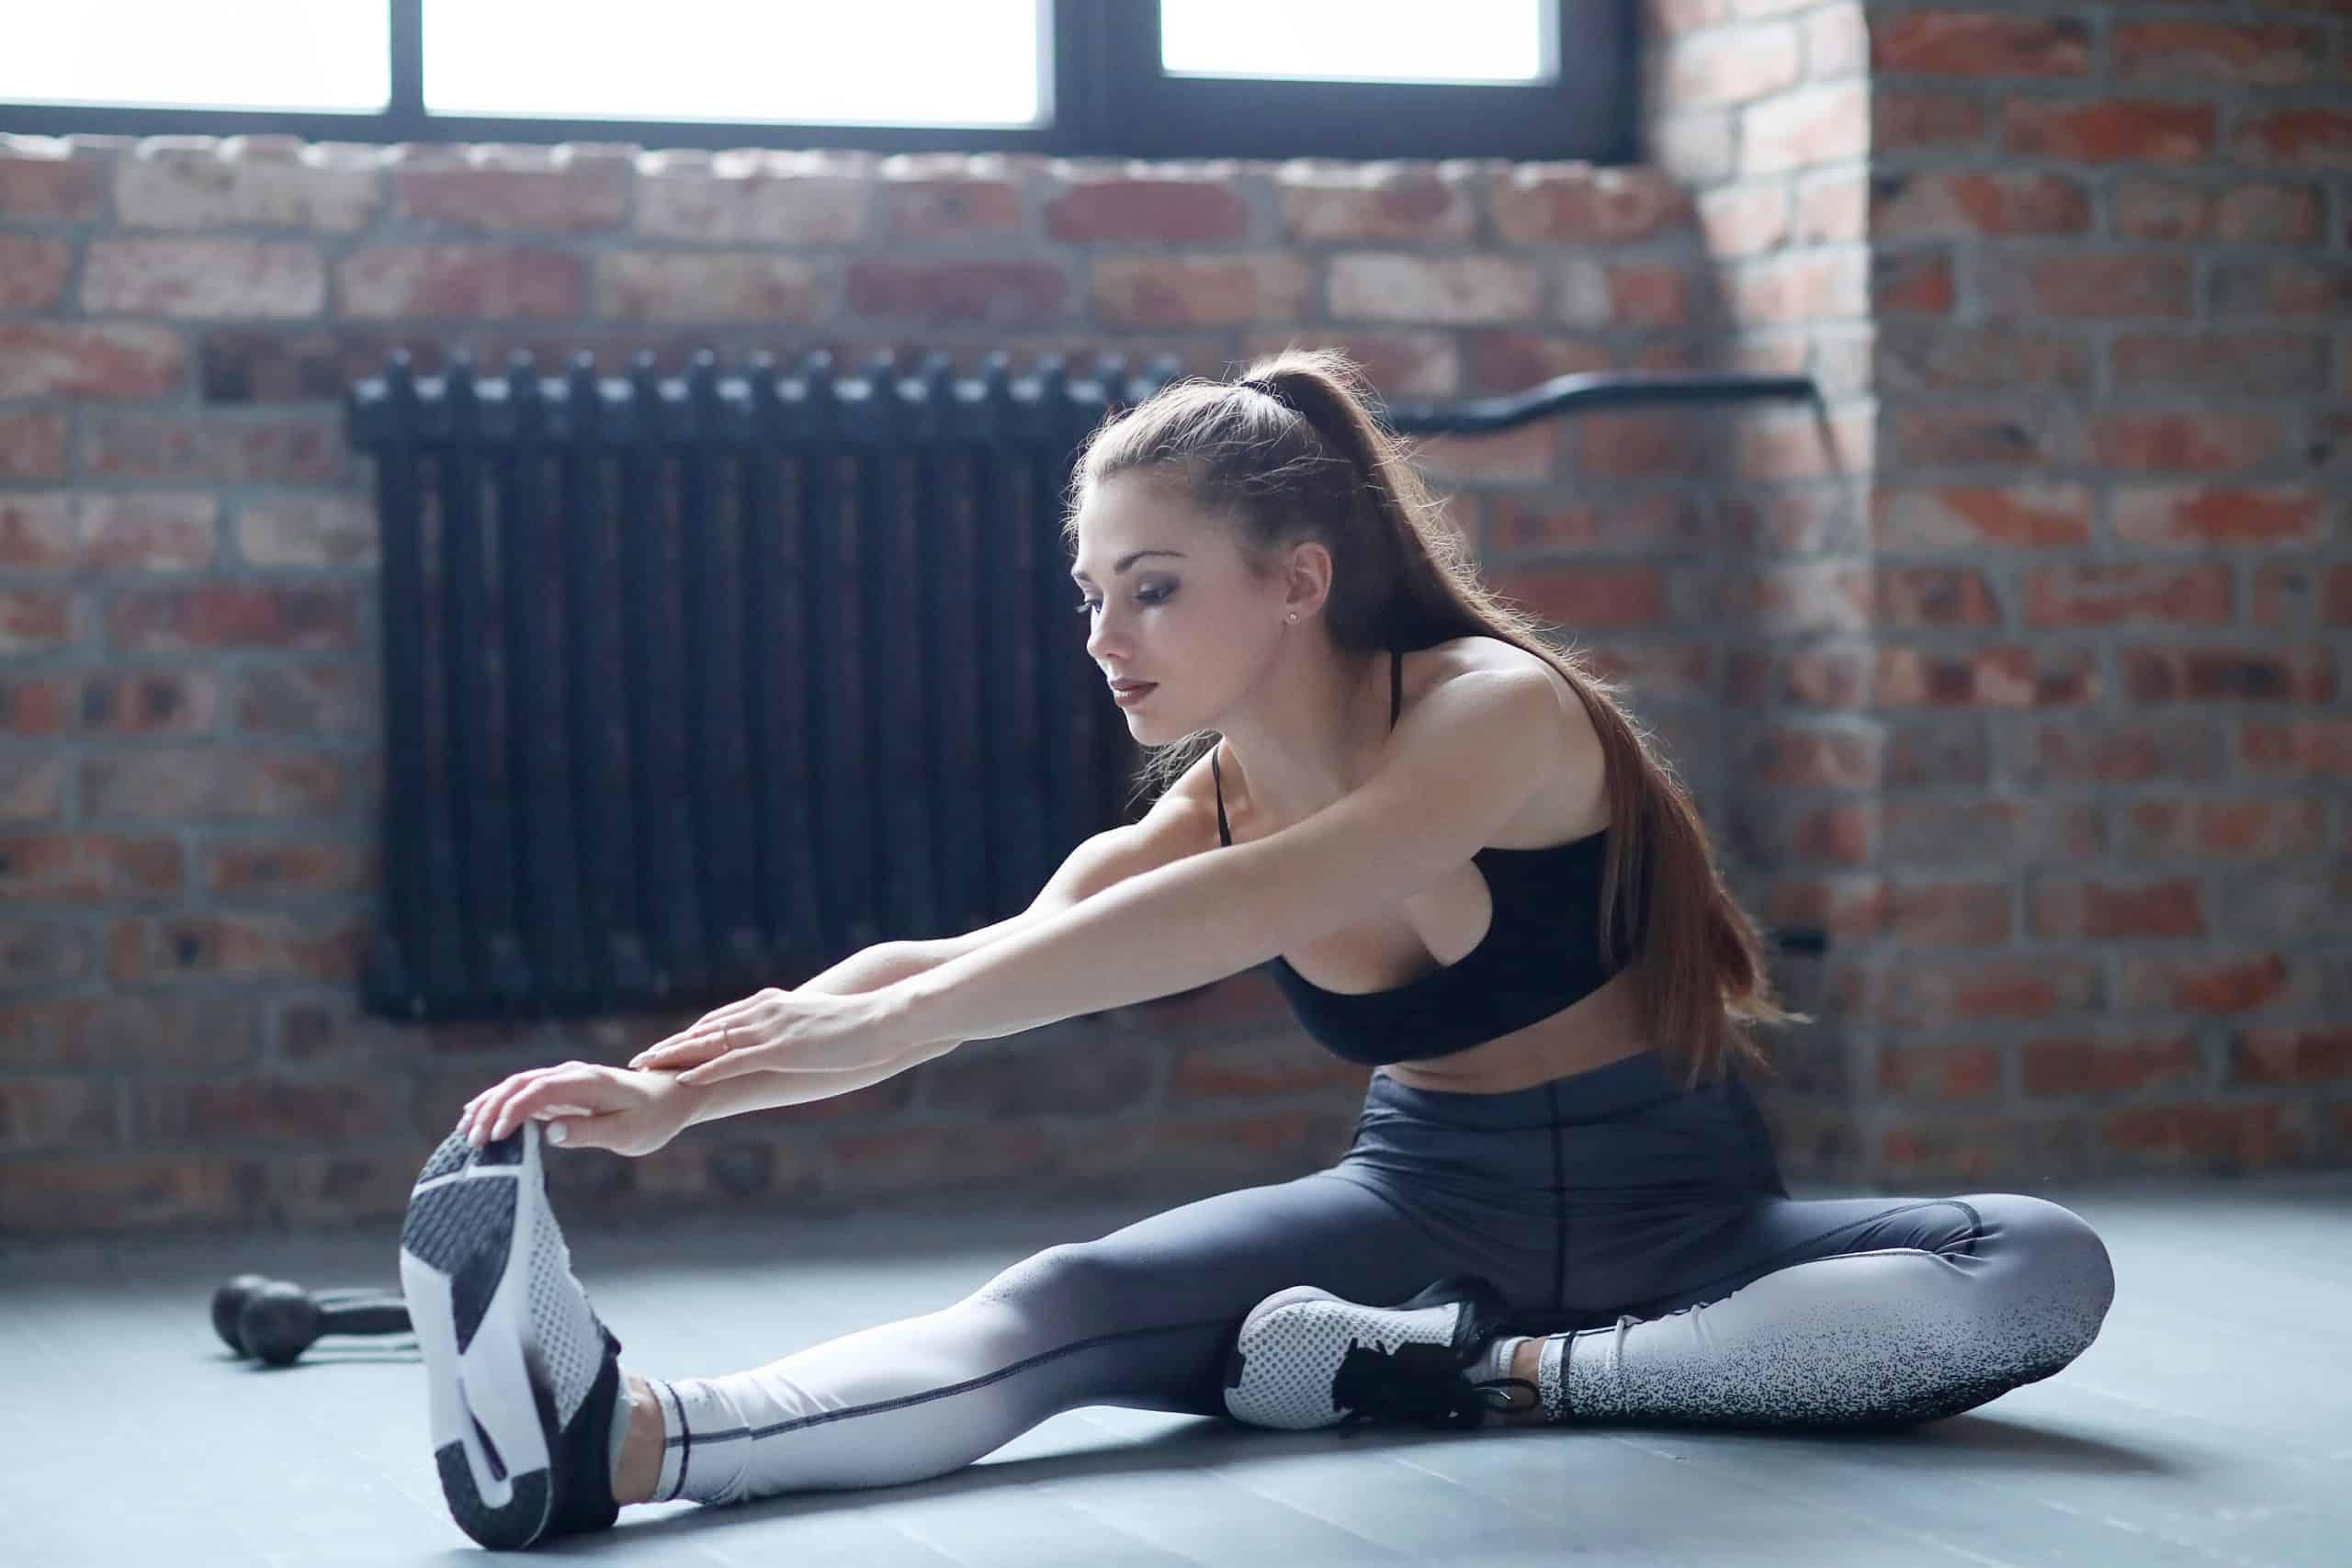 Modne legginsy do ćwiczeń – te modele są na topie!